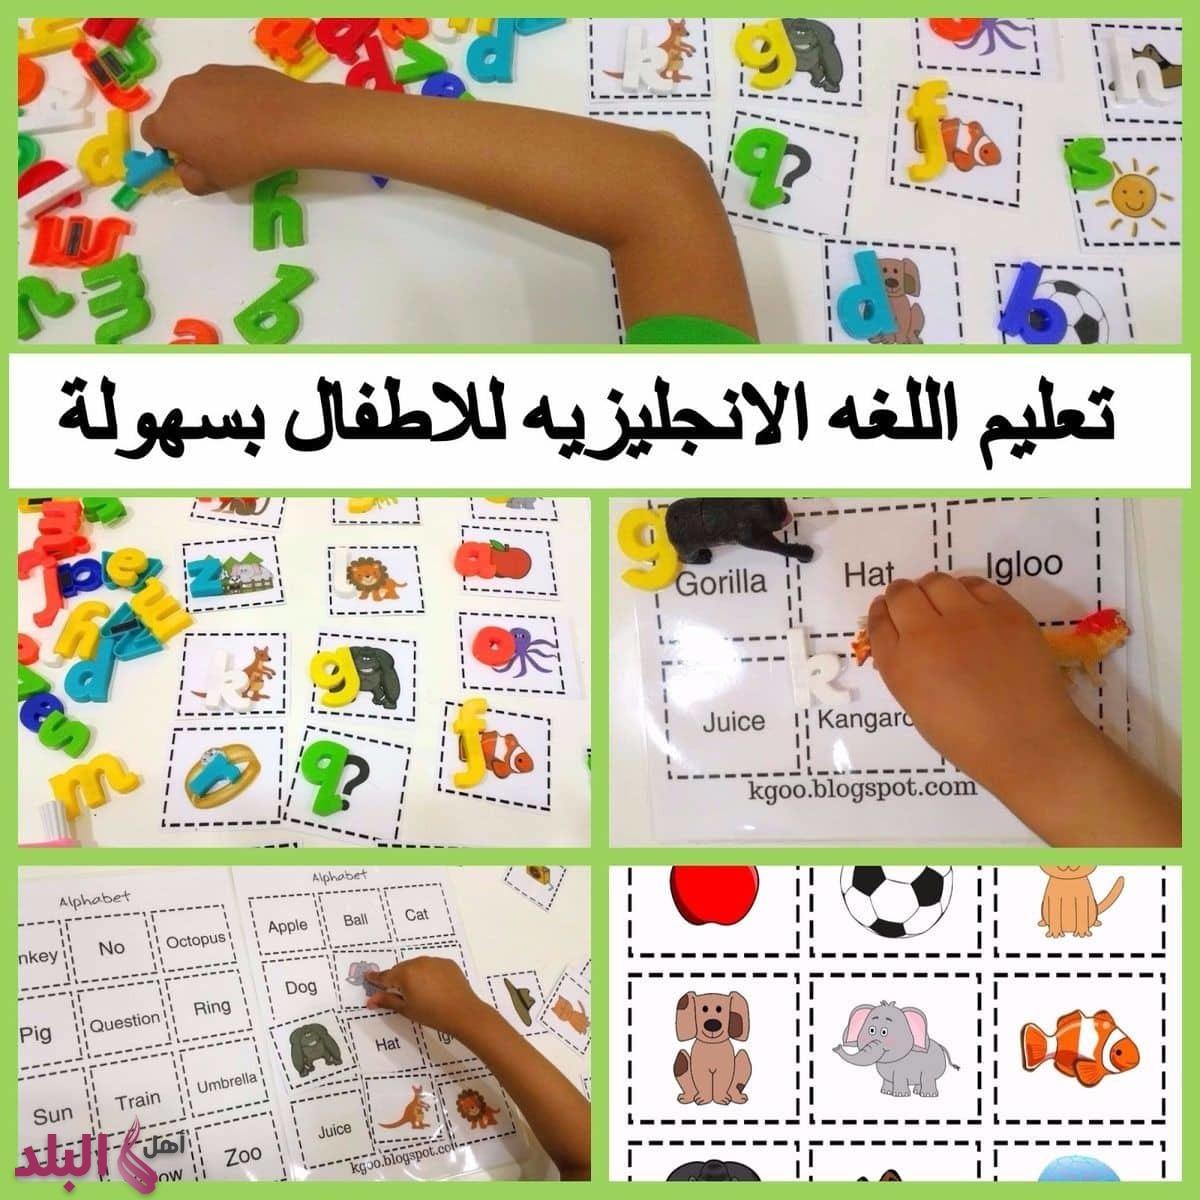 خطوات تعلم اللغة الإنجليزية